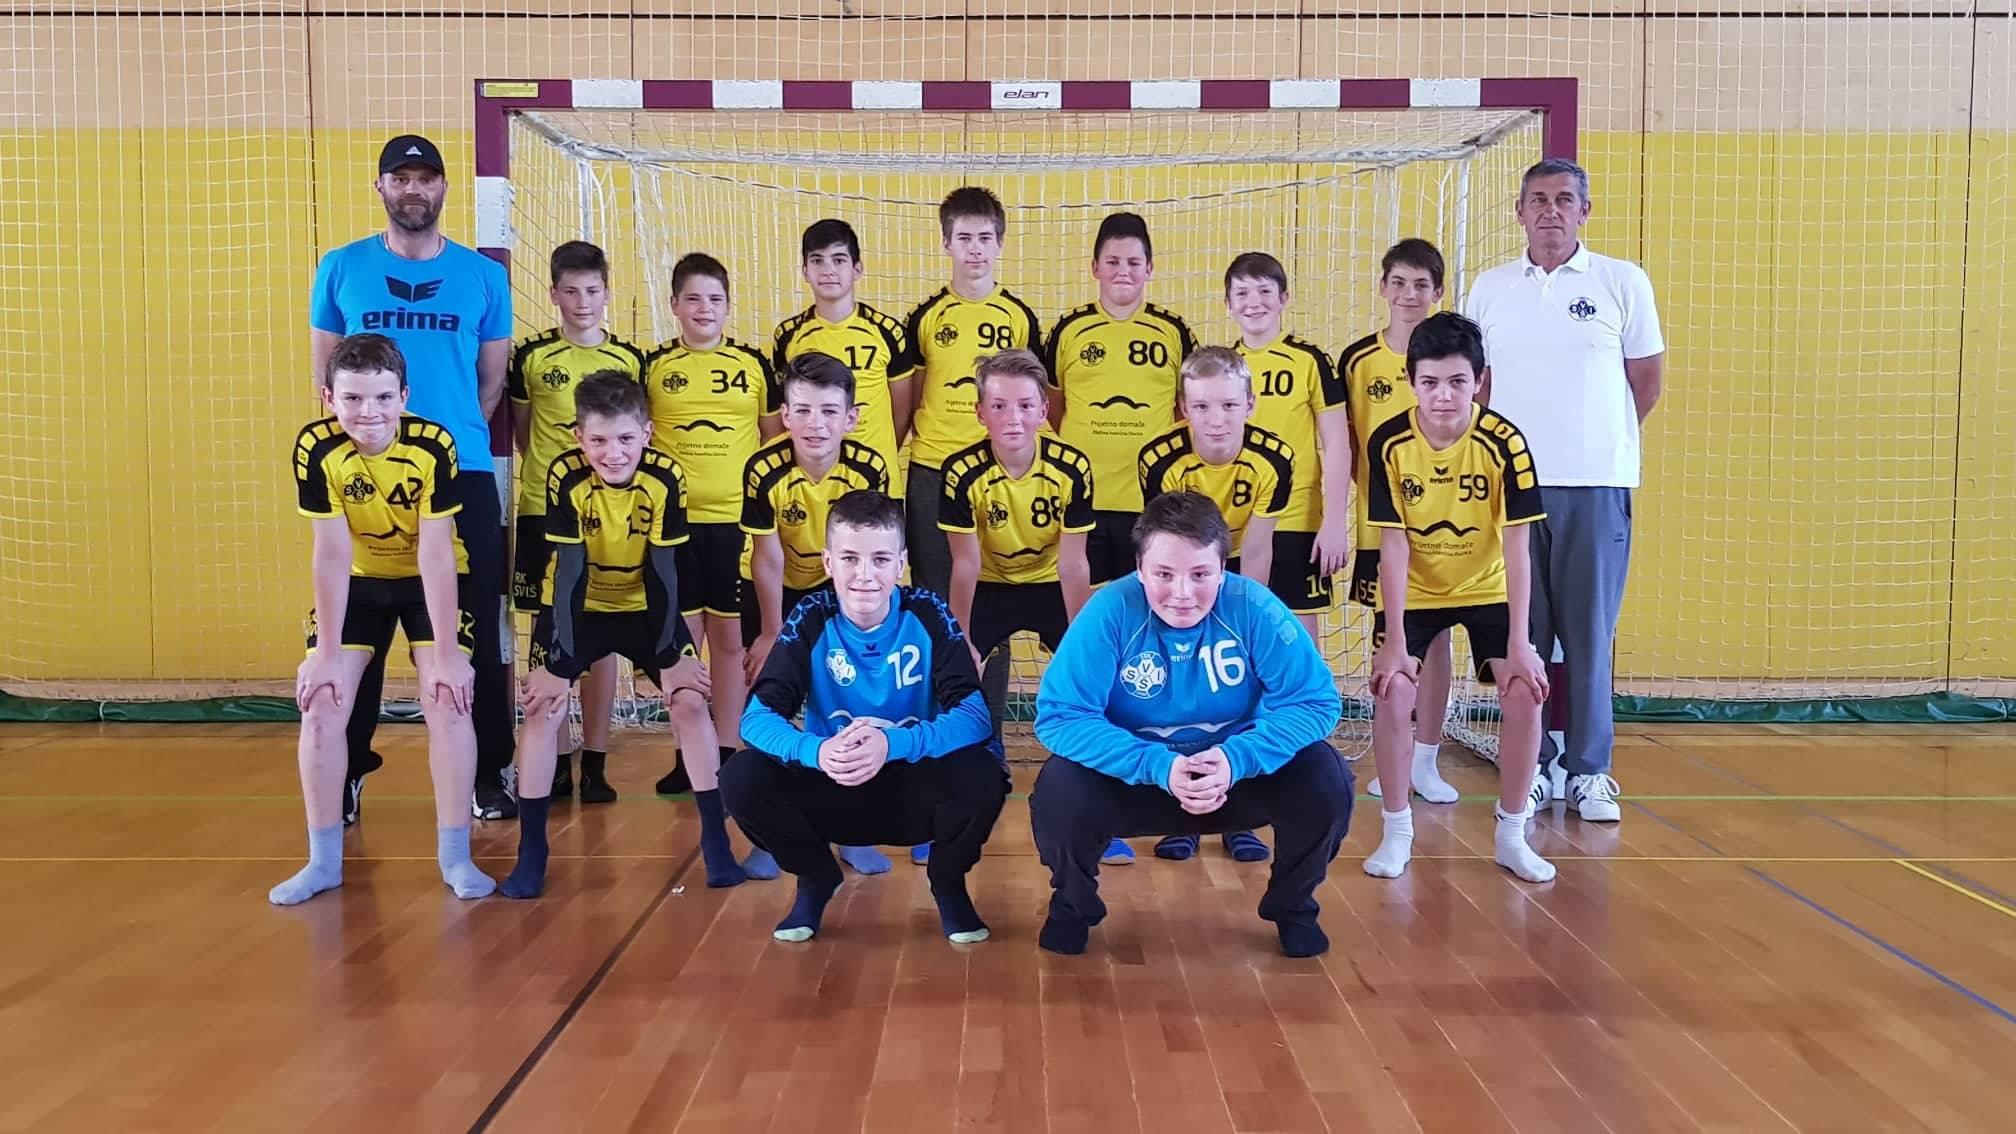 Mladi rokometaši SVIŠ-a branijo naslov državnih prvakov pri letniku 2005 in mlajši. Foto: Dominik Pekeč/ŠD Šport